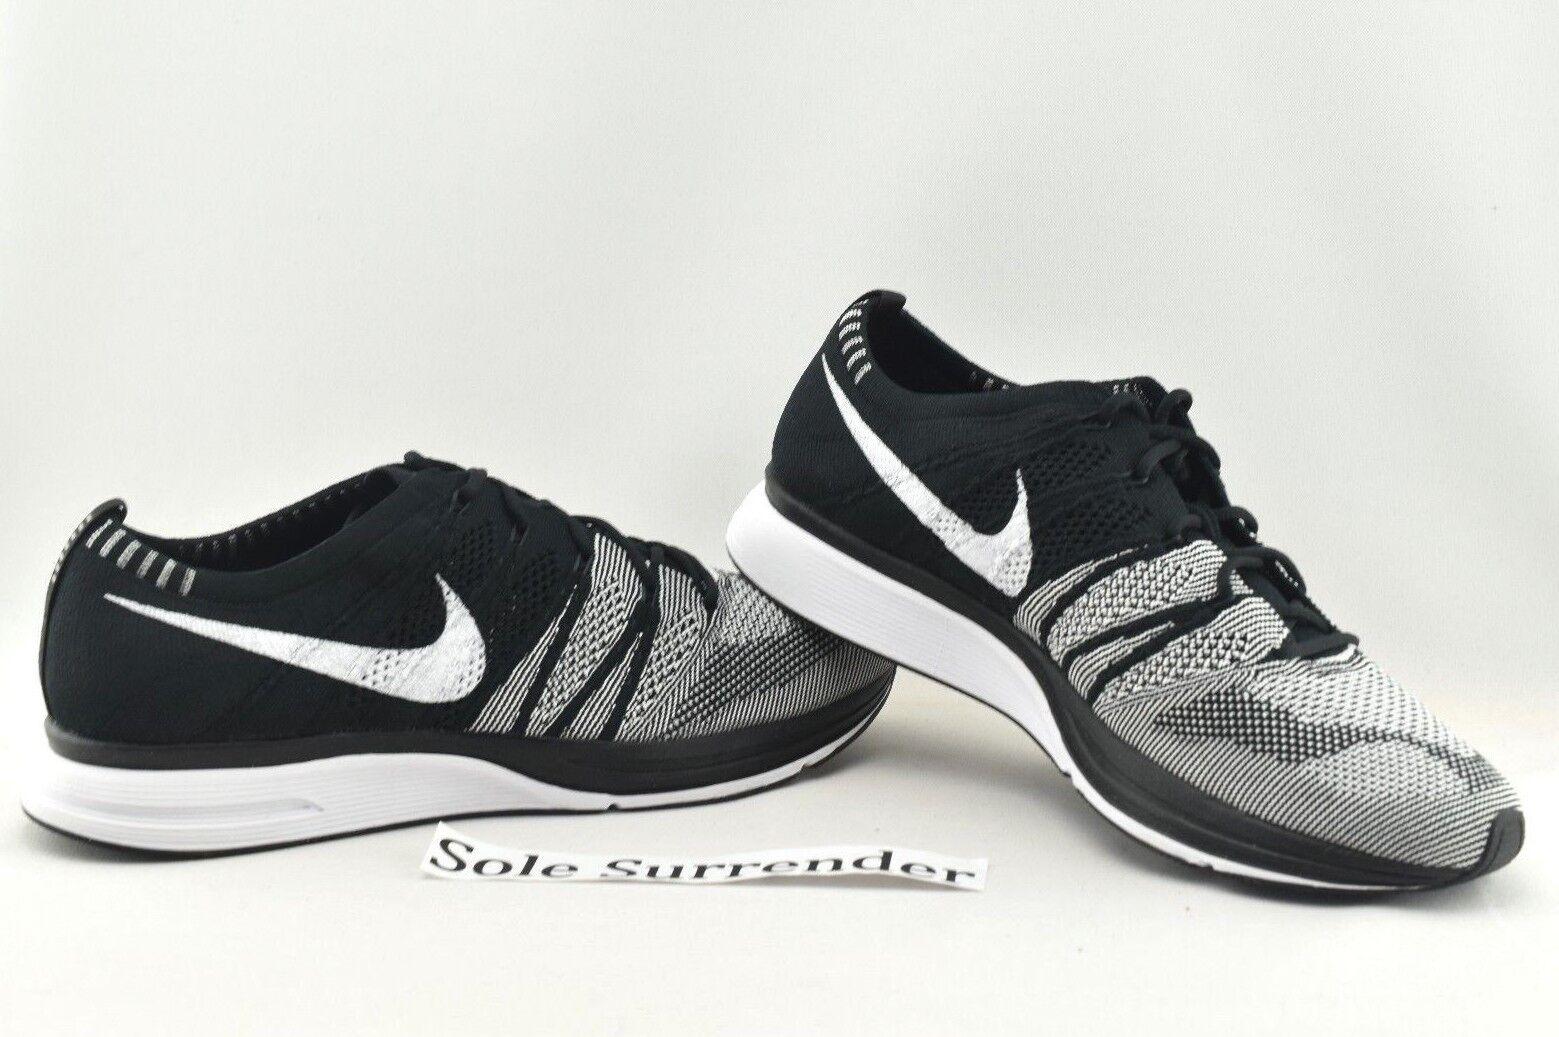 Nike flyknit trainer - 8 - og nuovo - ah8396-005 oreo og - white nero racer qs 313e98